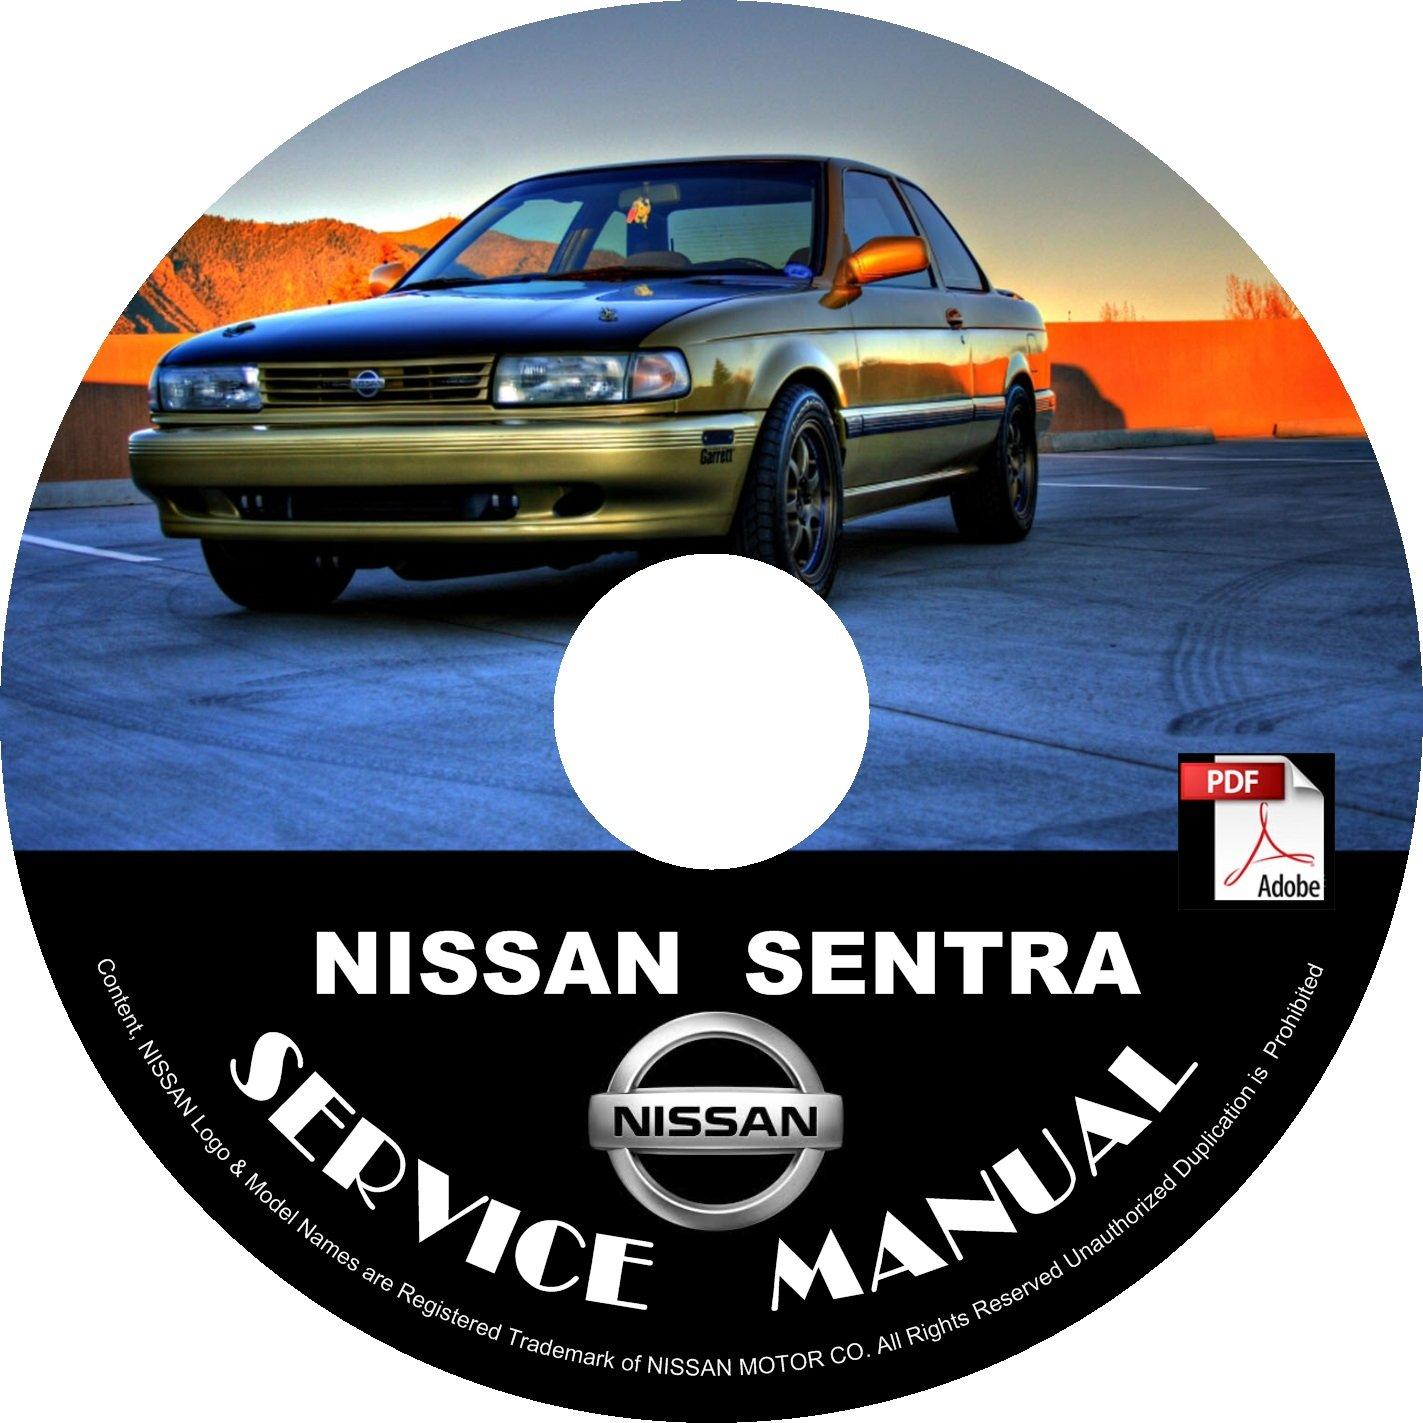 1992 Nissan Sentra Service Repair Shop Manual on CD Fix Repair Rebuild '92 Workshop Guide